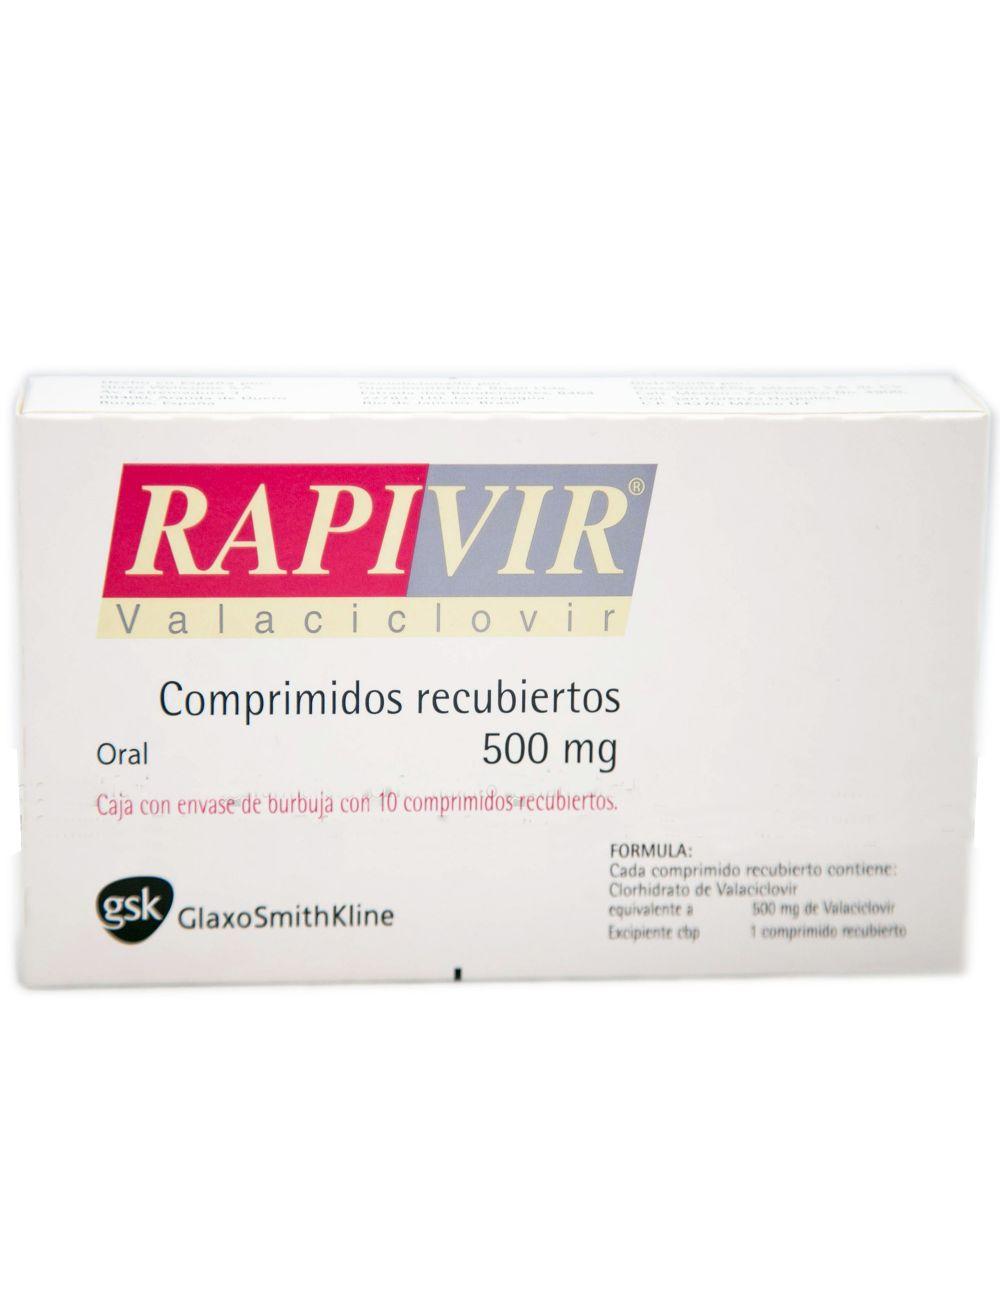 No Rapivir 500 mg Caja Con 10 Comprimidos Recubiertos